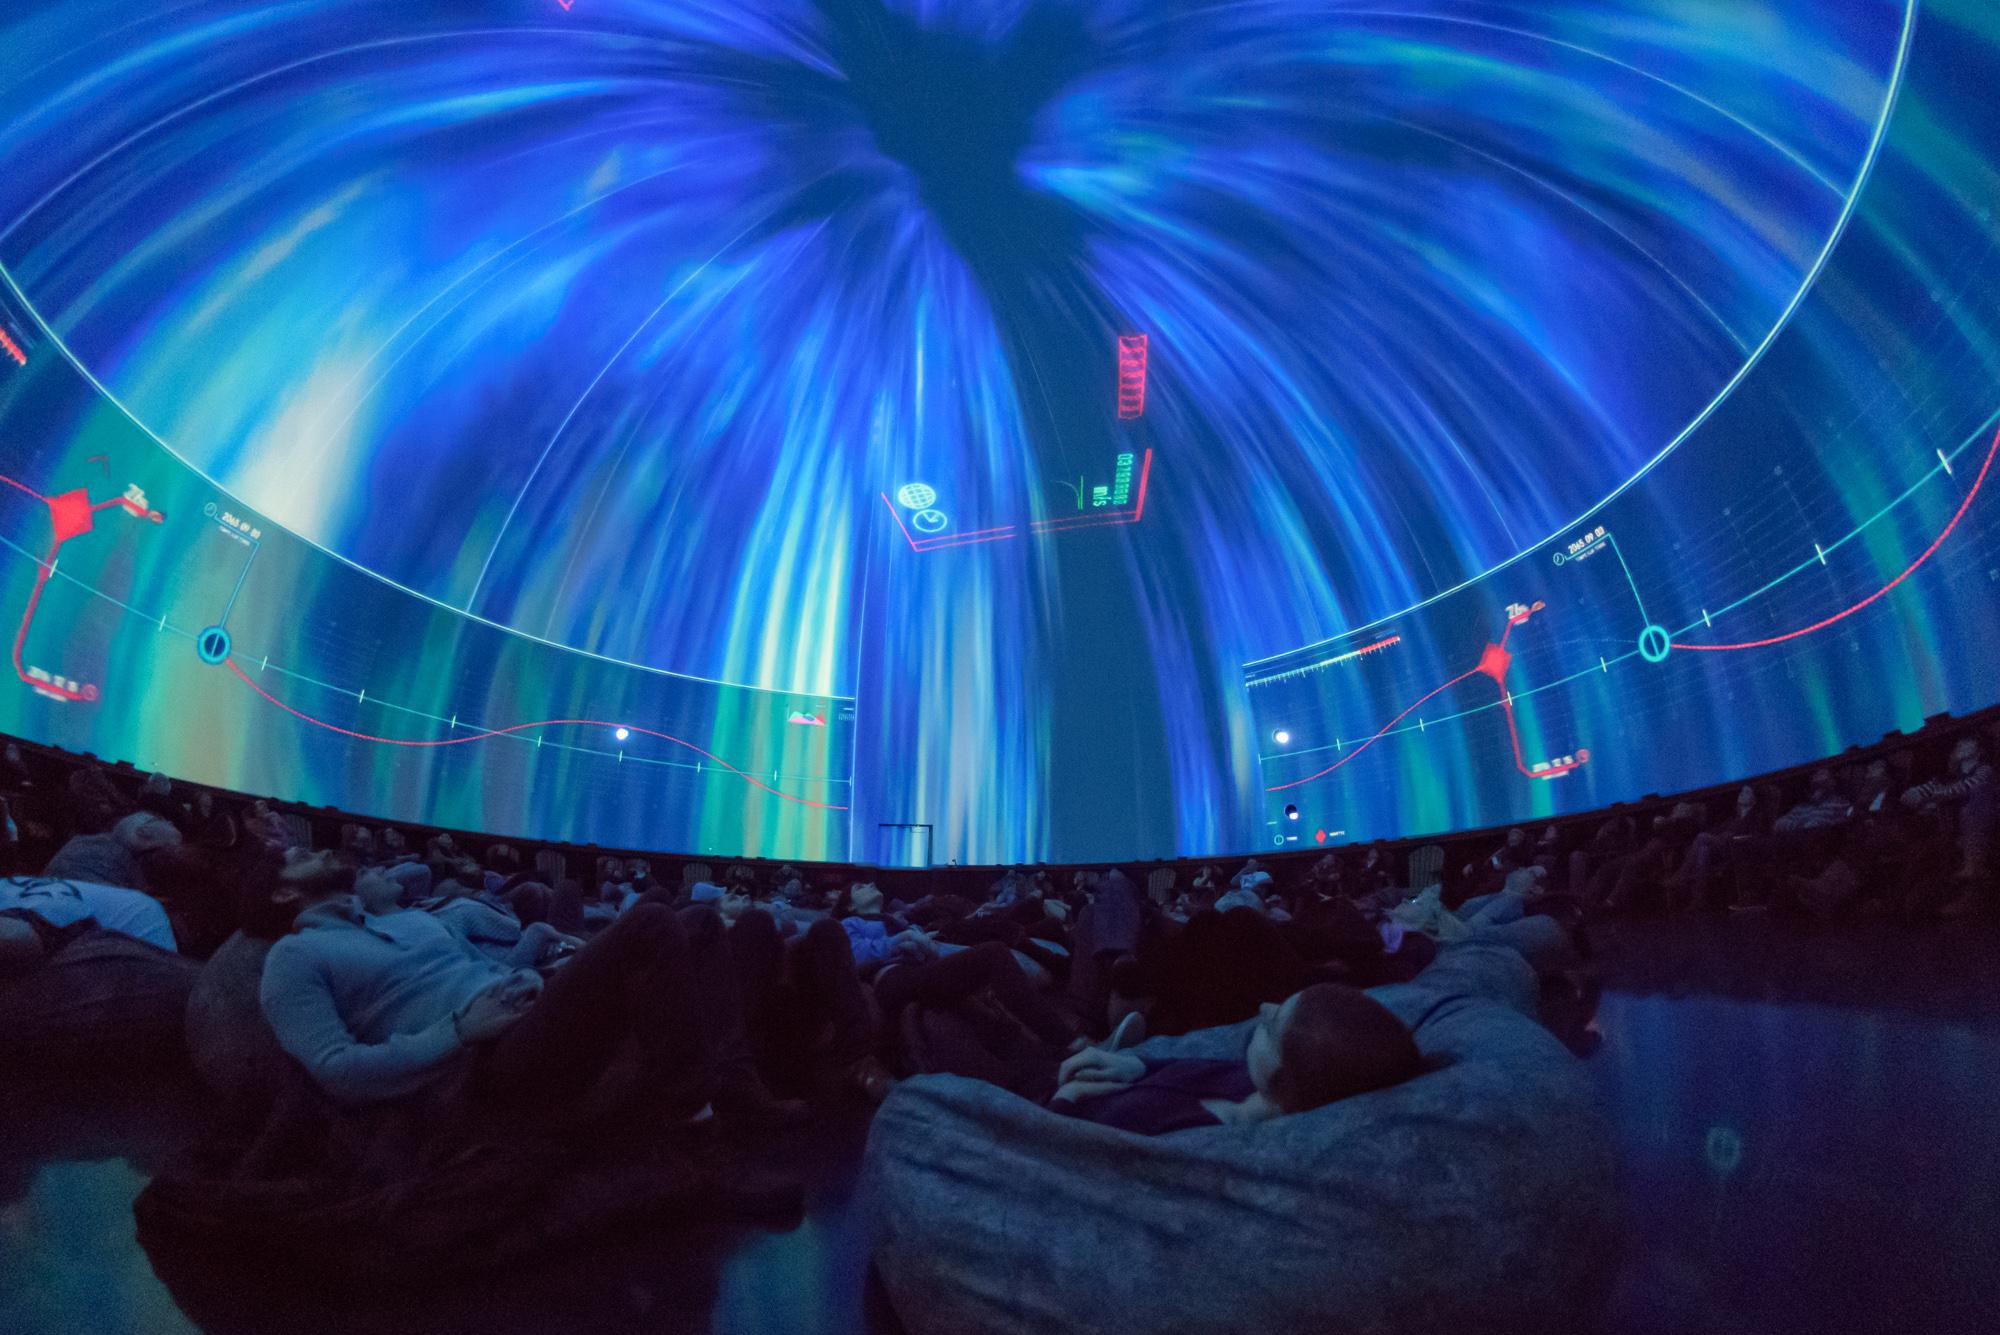 Espace pour la vie - Spectacle Vertiges - Planétarium